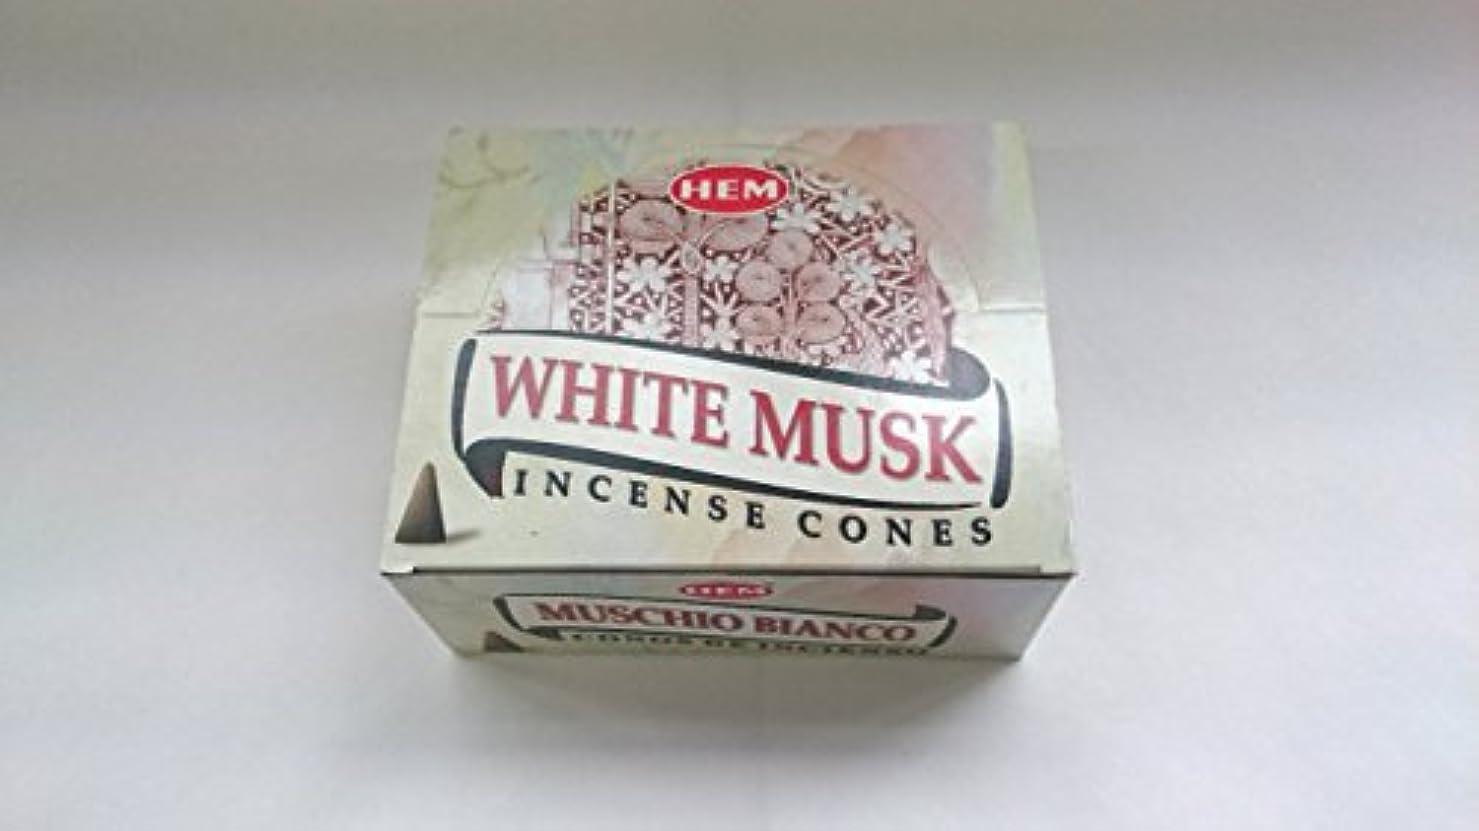 コークスオズワルド無駄なHEM(ヘム)お香 ホワイトムスク コーンタイプ 1ケース(10粒入り1箱×12箱)